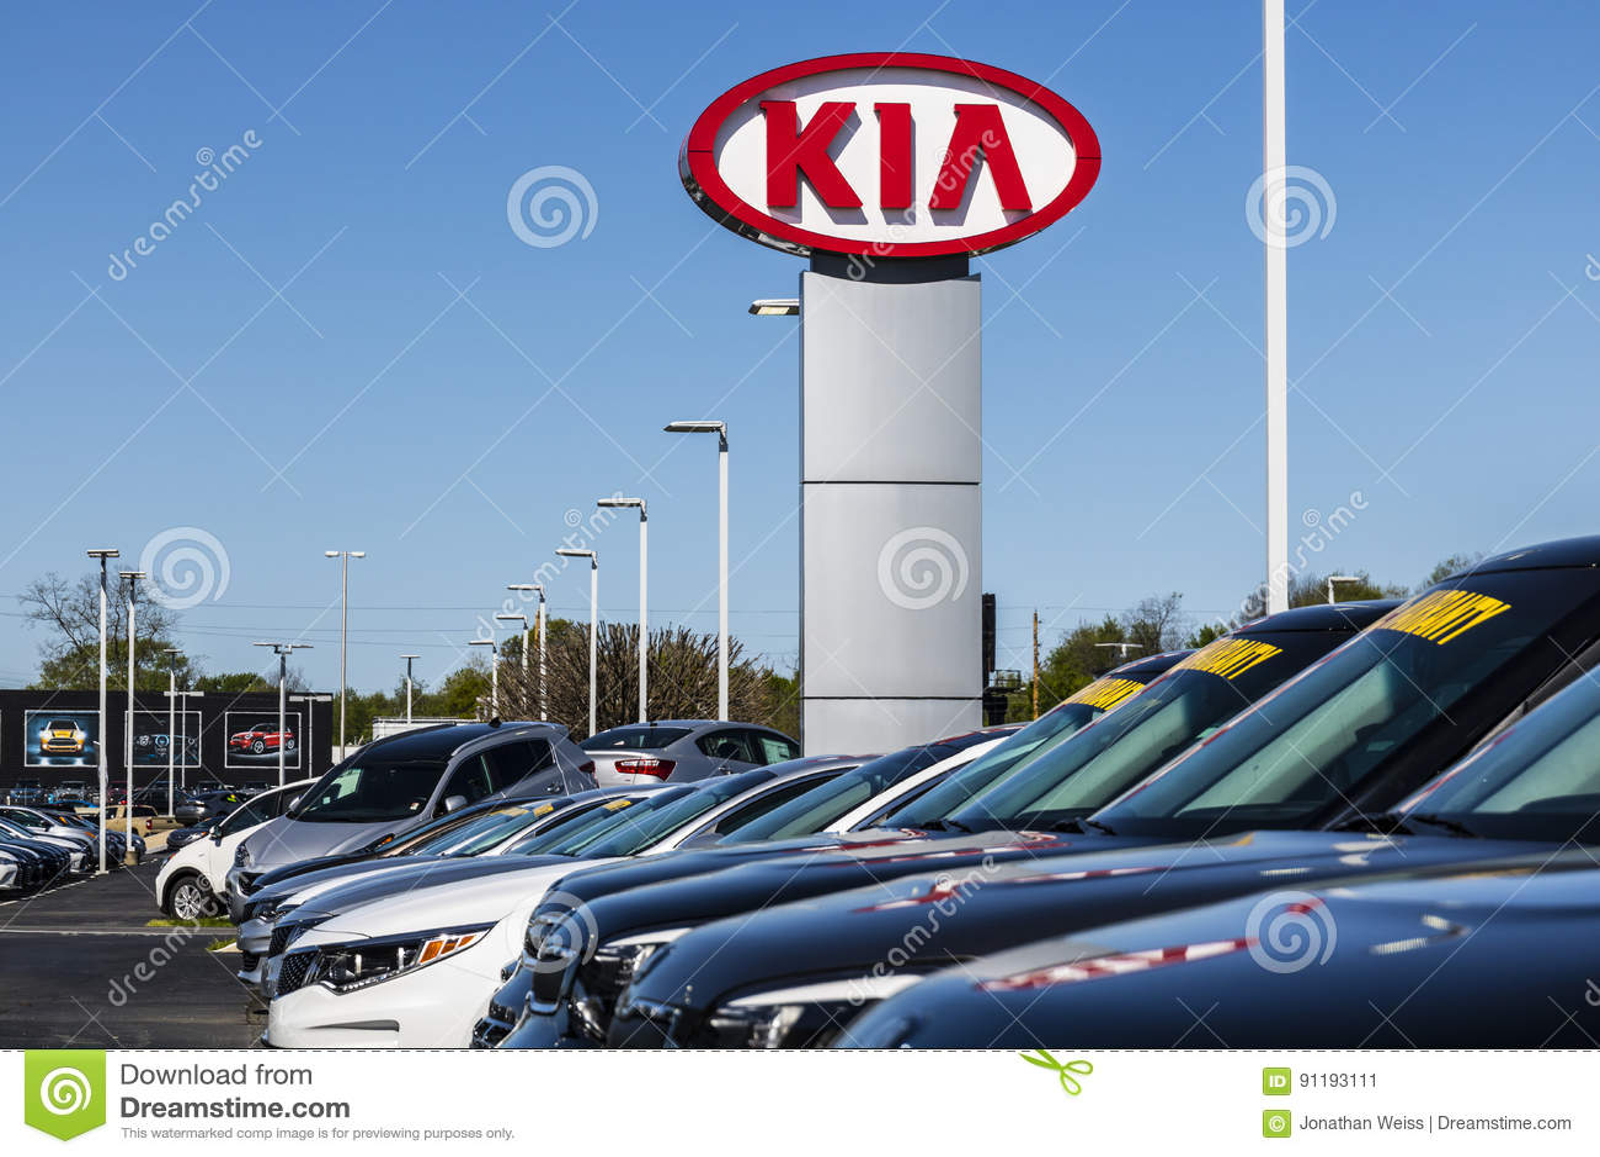 Hyundai Dealership Indianapolis >> Indianapolis - Circa Im April 2017: Kia Motors Local Car Dealership Kia Motors Ist Die ...